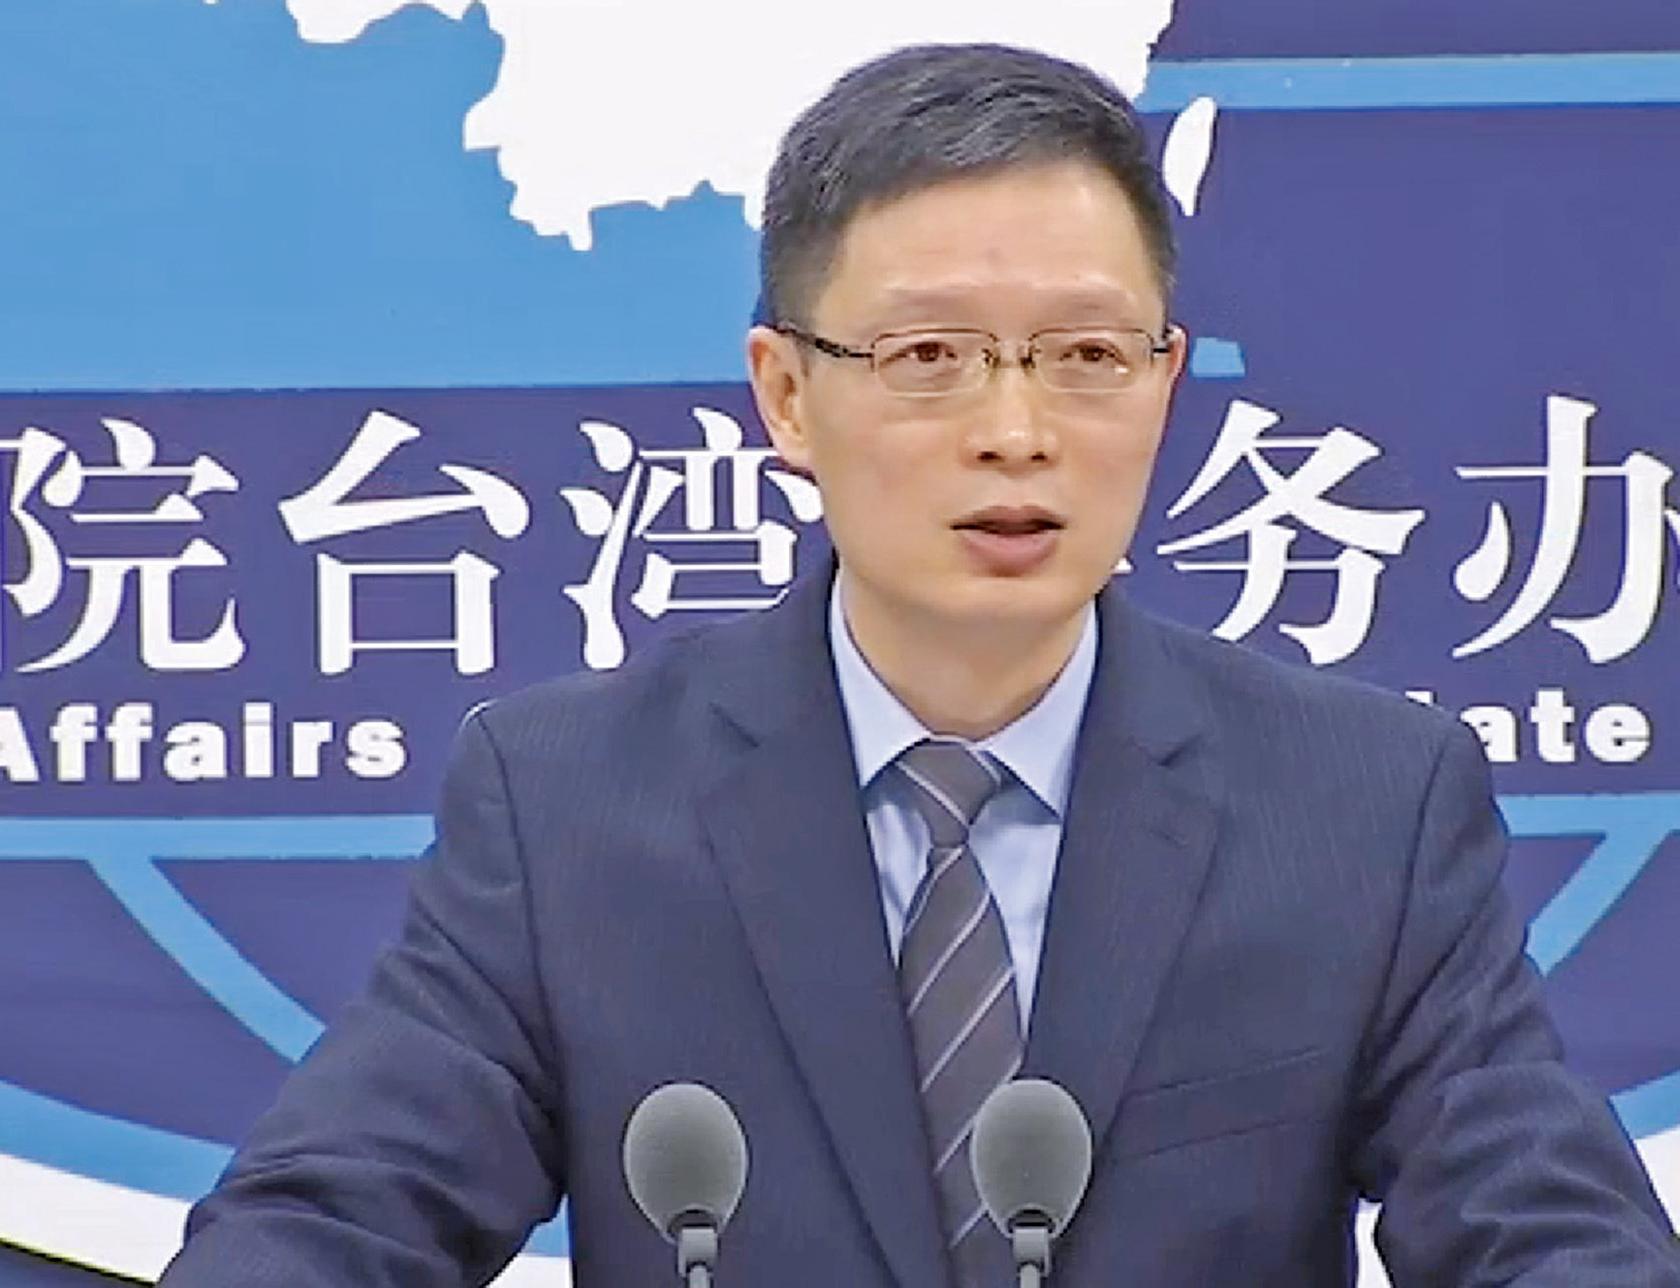 民進黨別推卸責任